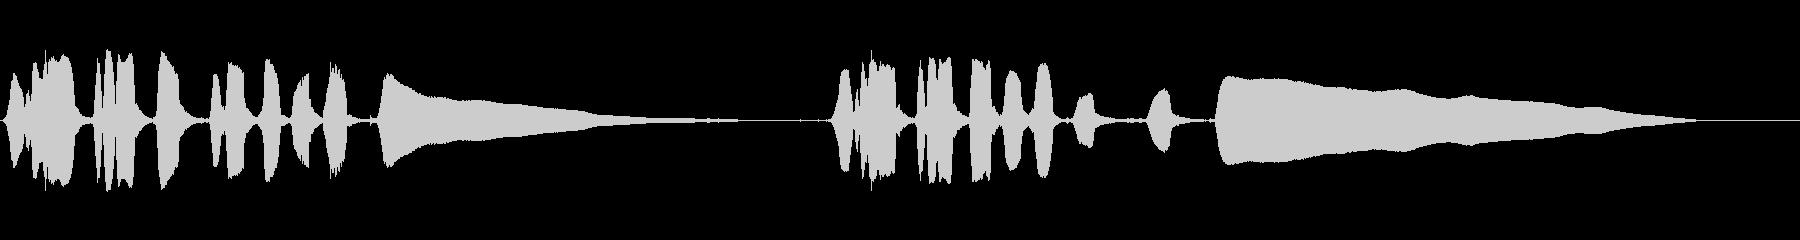 ハーモニカ:トラックトゥアクセント...の未再生の波形